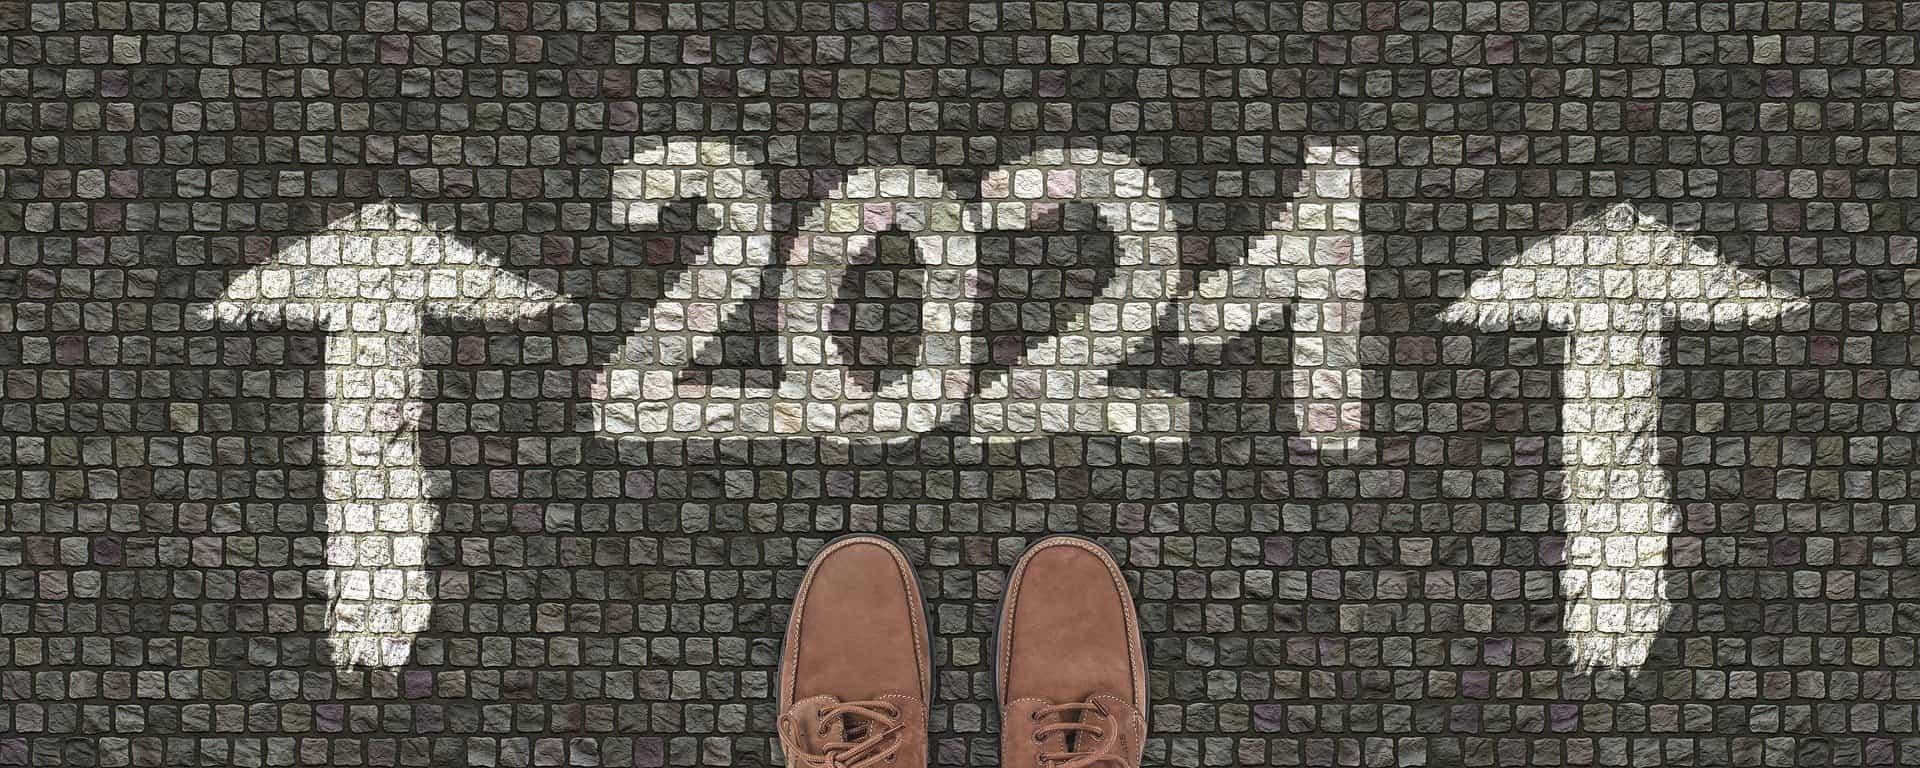 2021 barometre approuve par les familles